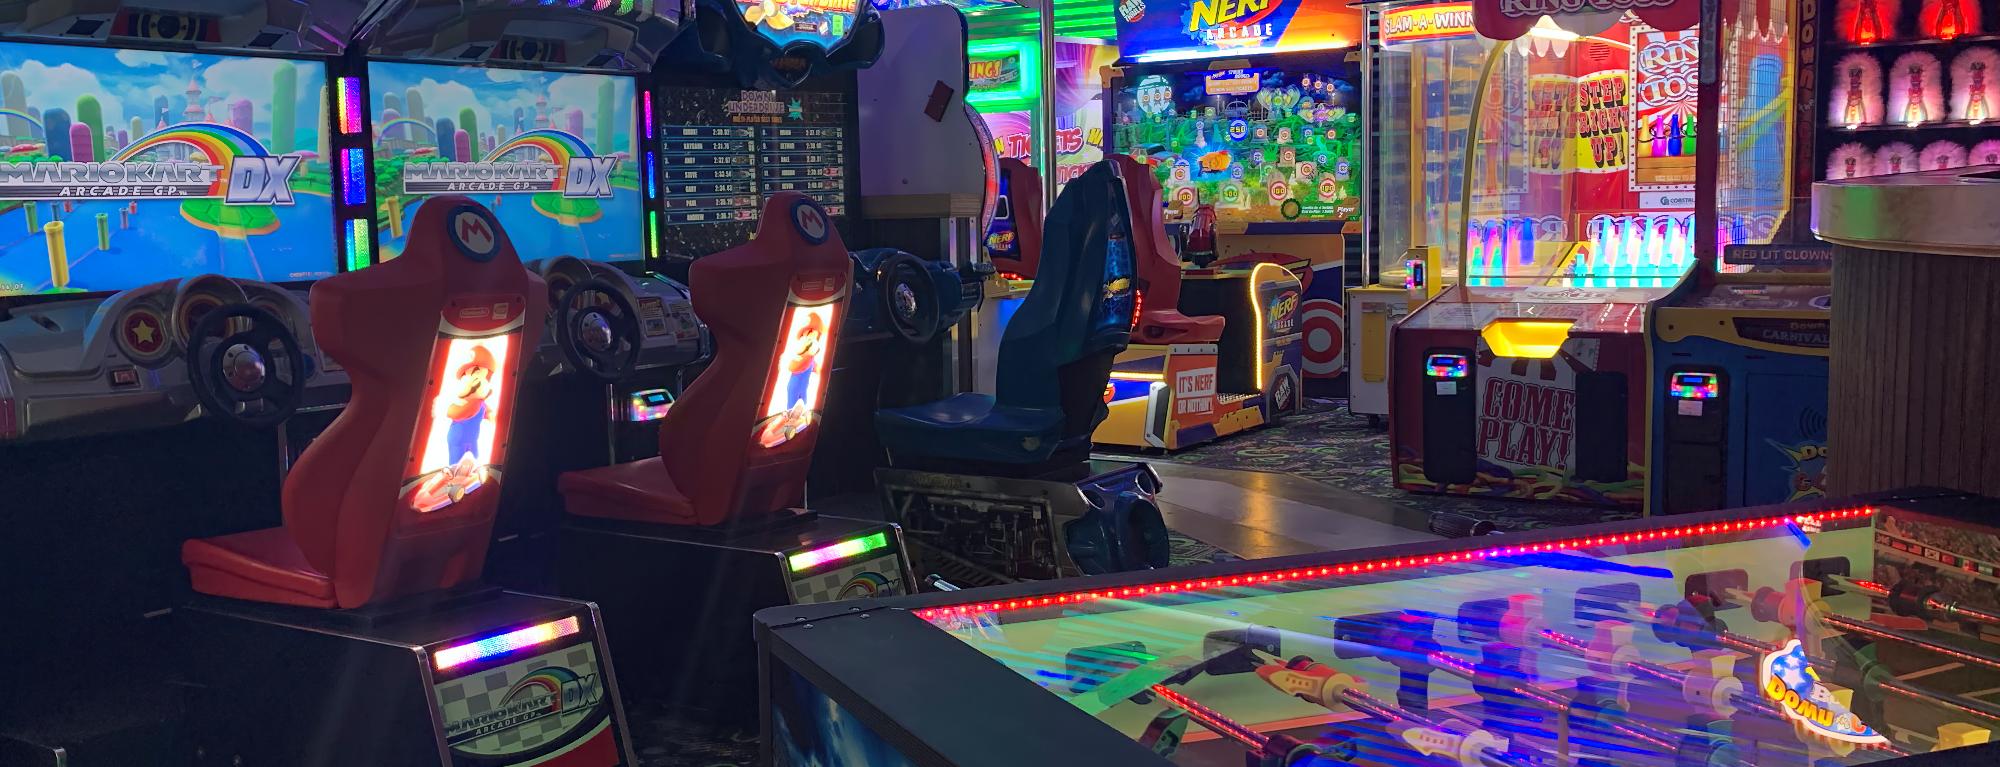 Arcade Room At Emerald Lanes